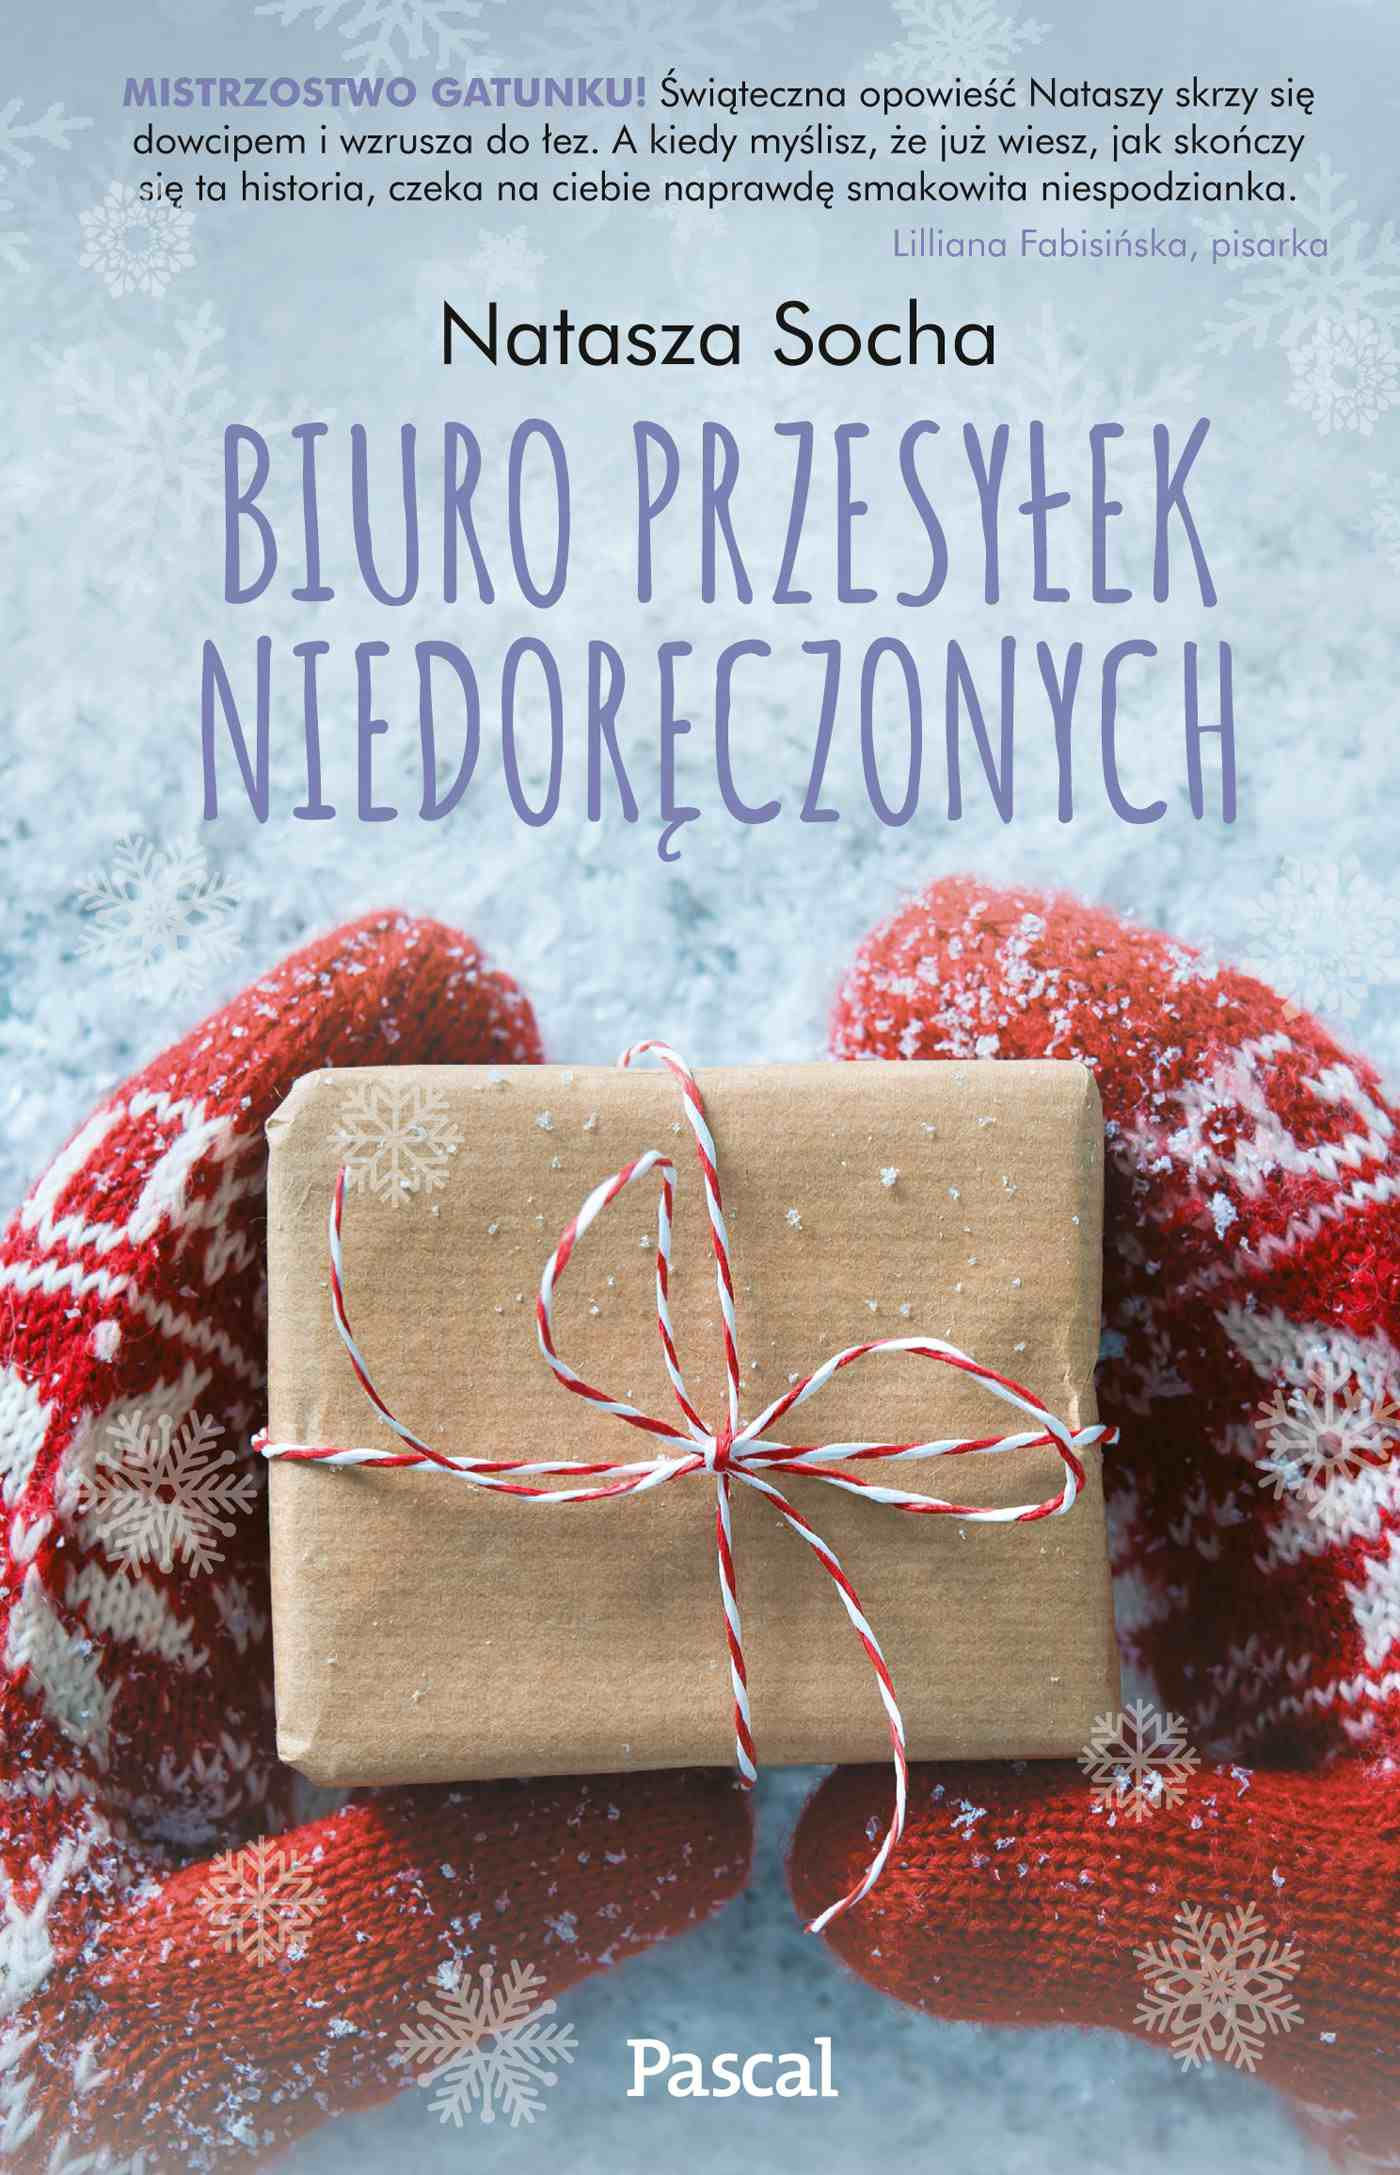 Biuro przesyłek niedoręczonych - Ebook (Książka EPUB) do pobrania w formacie EPUB